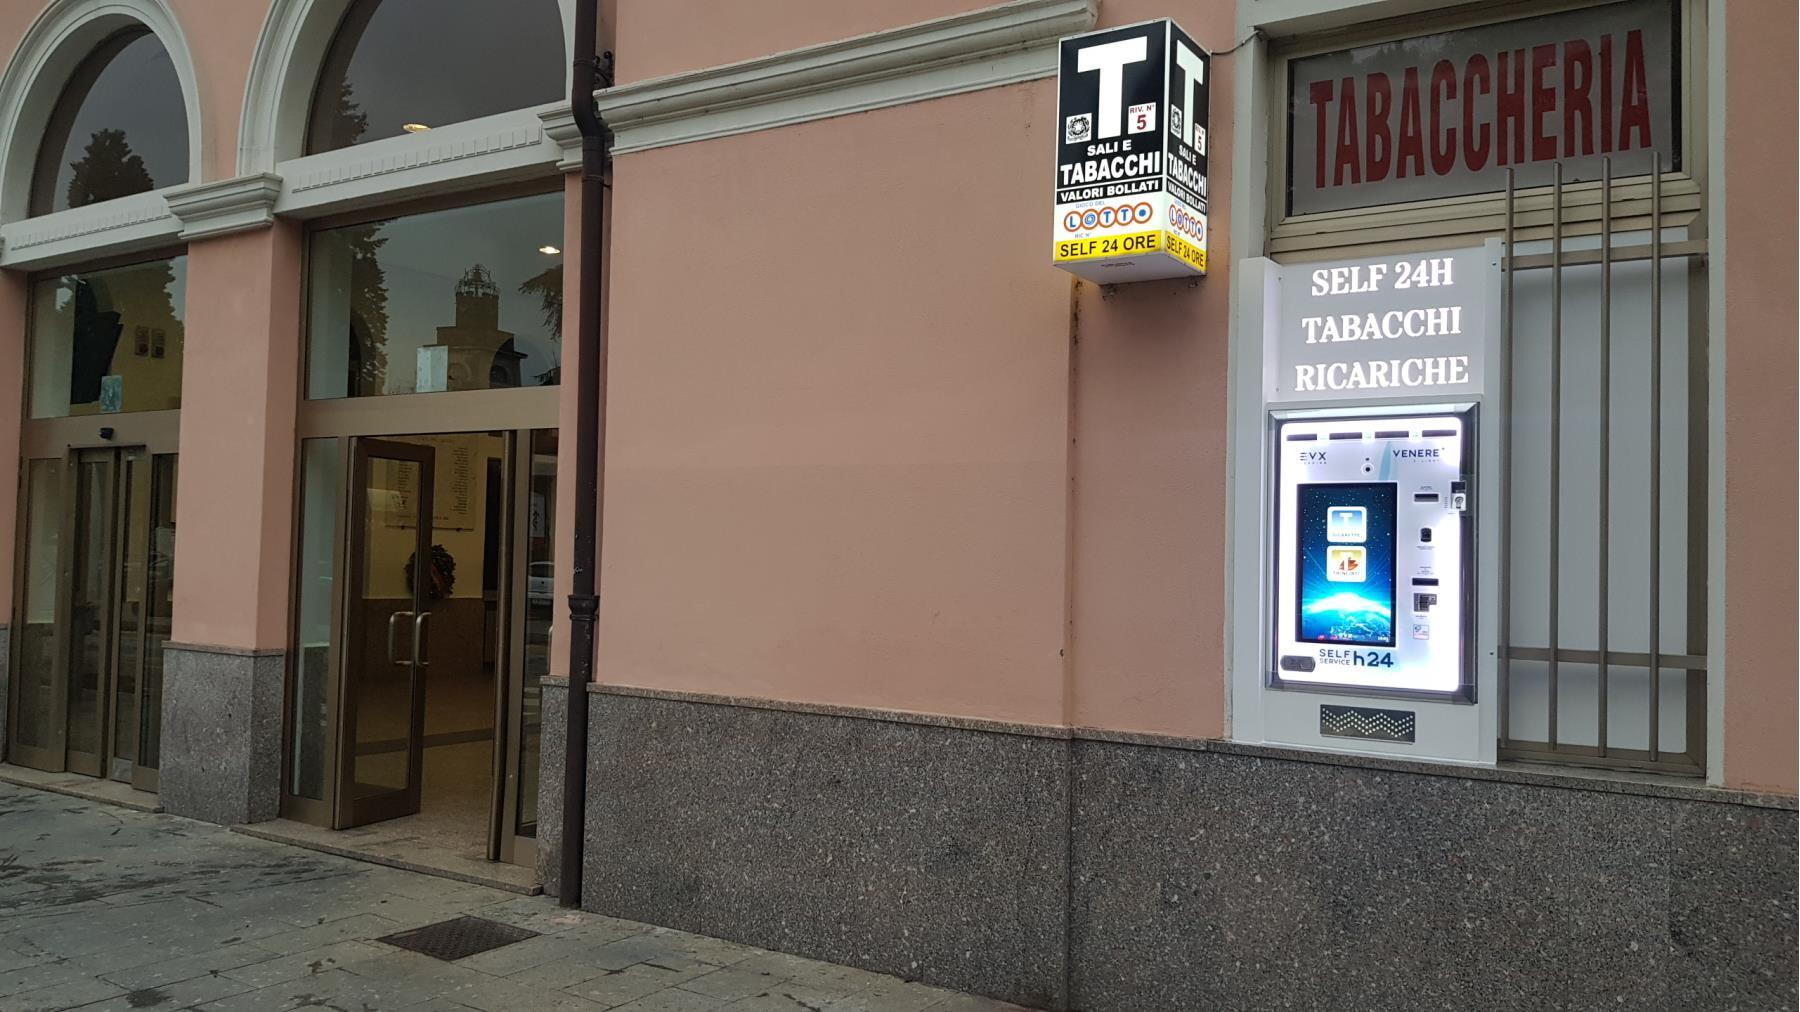 distributore-automatico-sigarette-evx-venere_+plus (11)